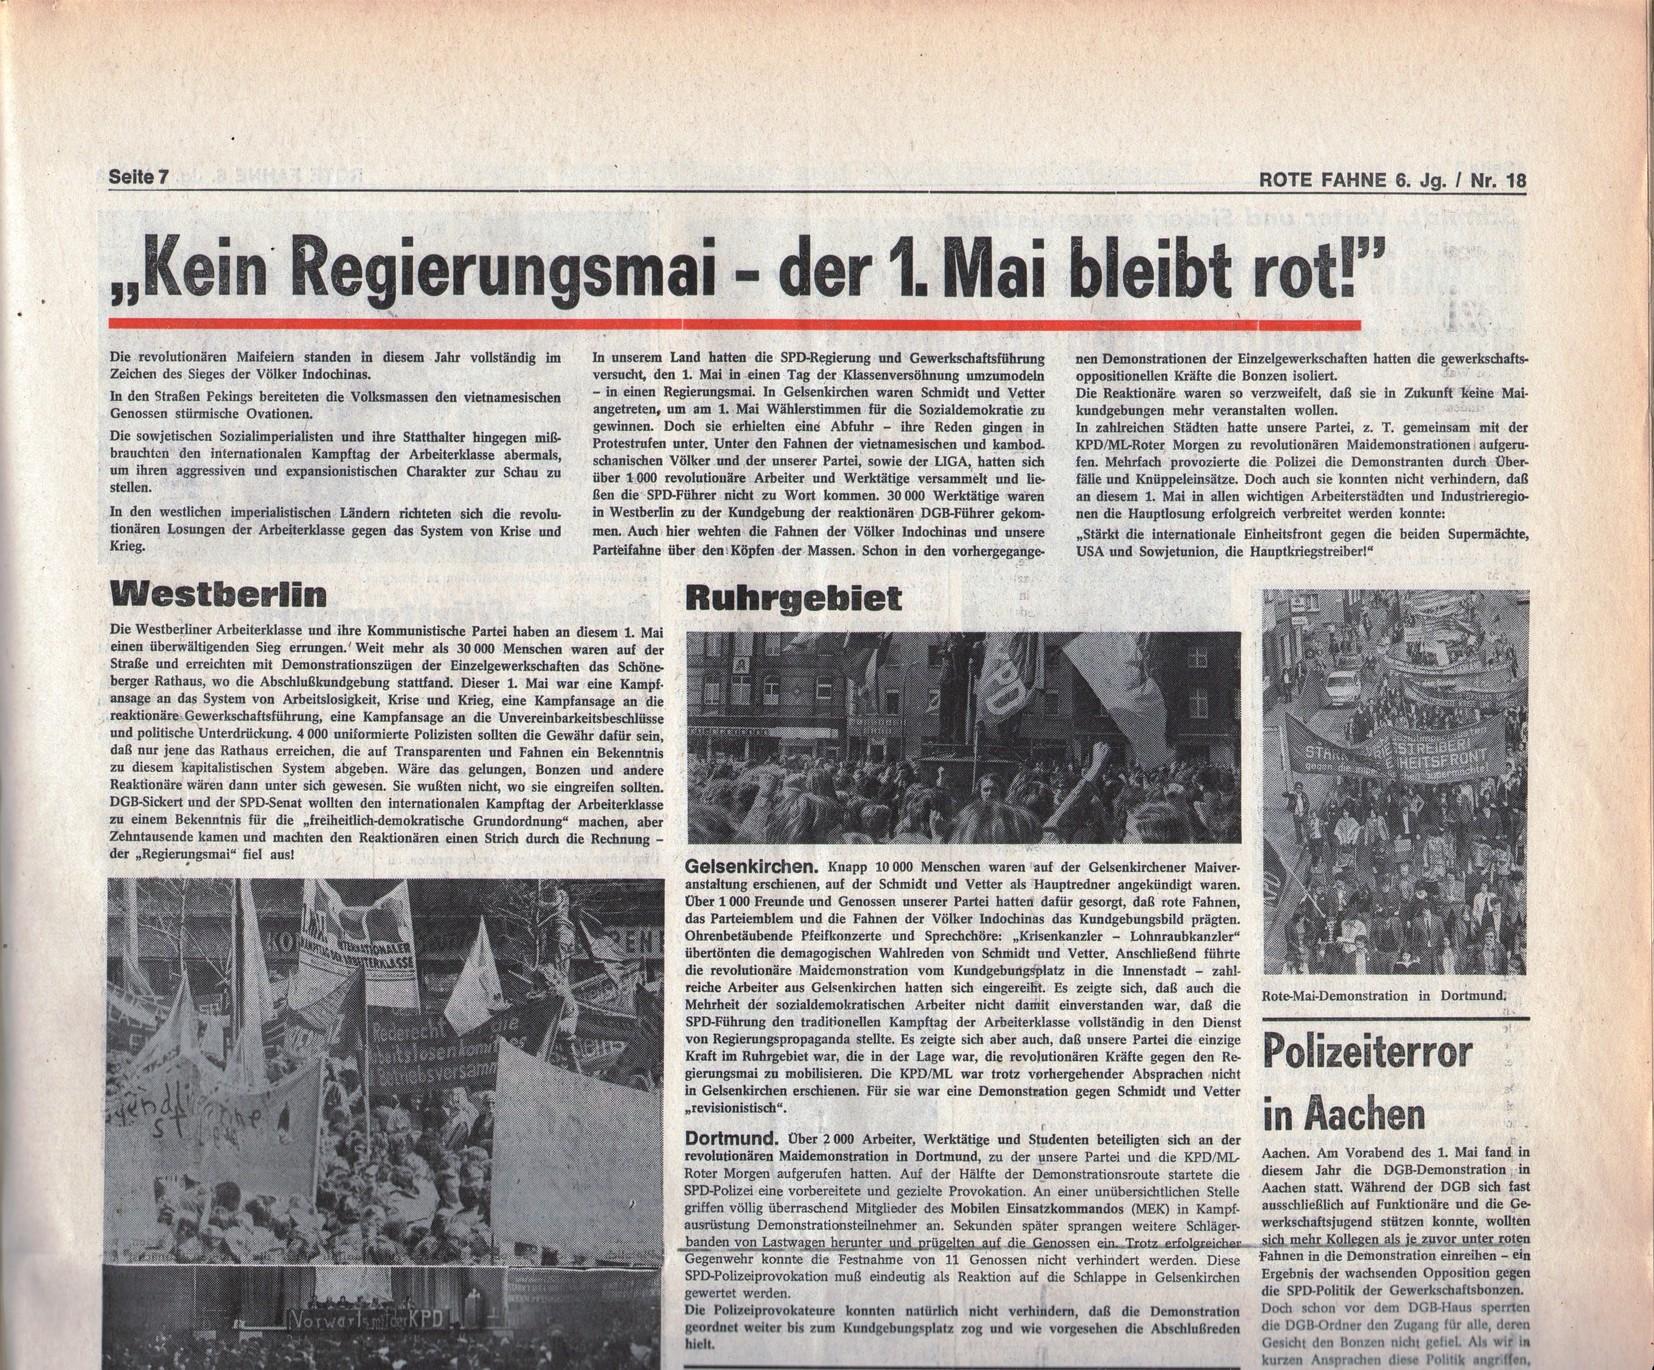 KPD_Rote_Fahne_1975_18_13